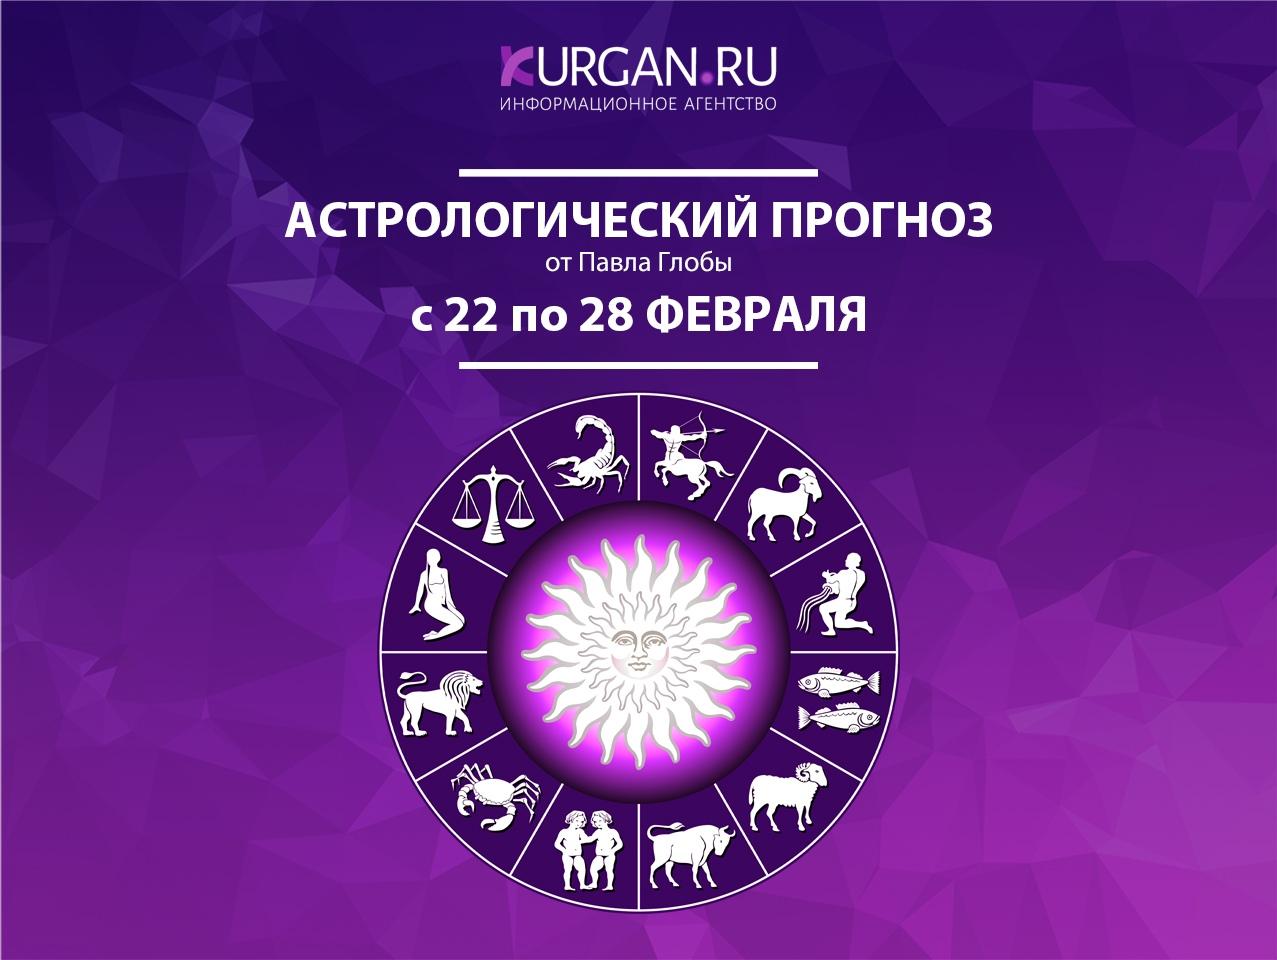 Астрологический прогноз с 22 по 28 февраля от Павла Глобы